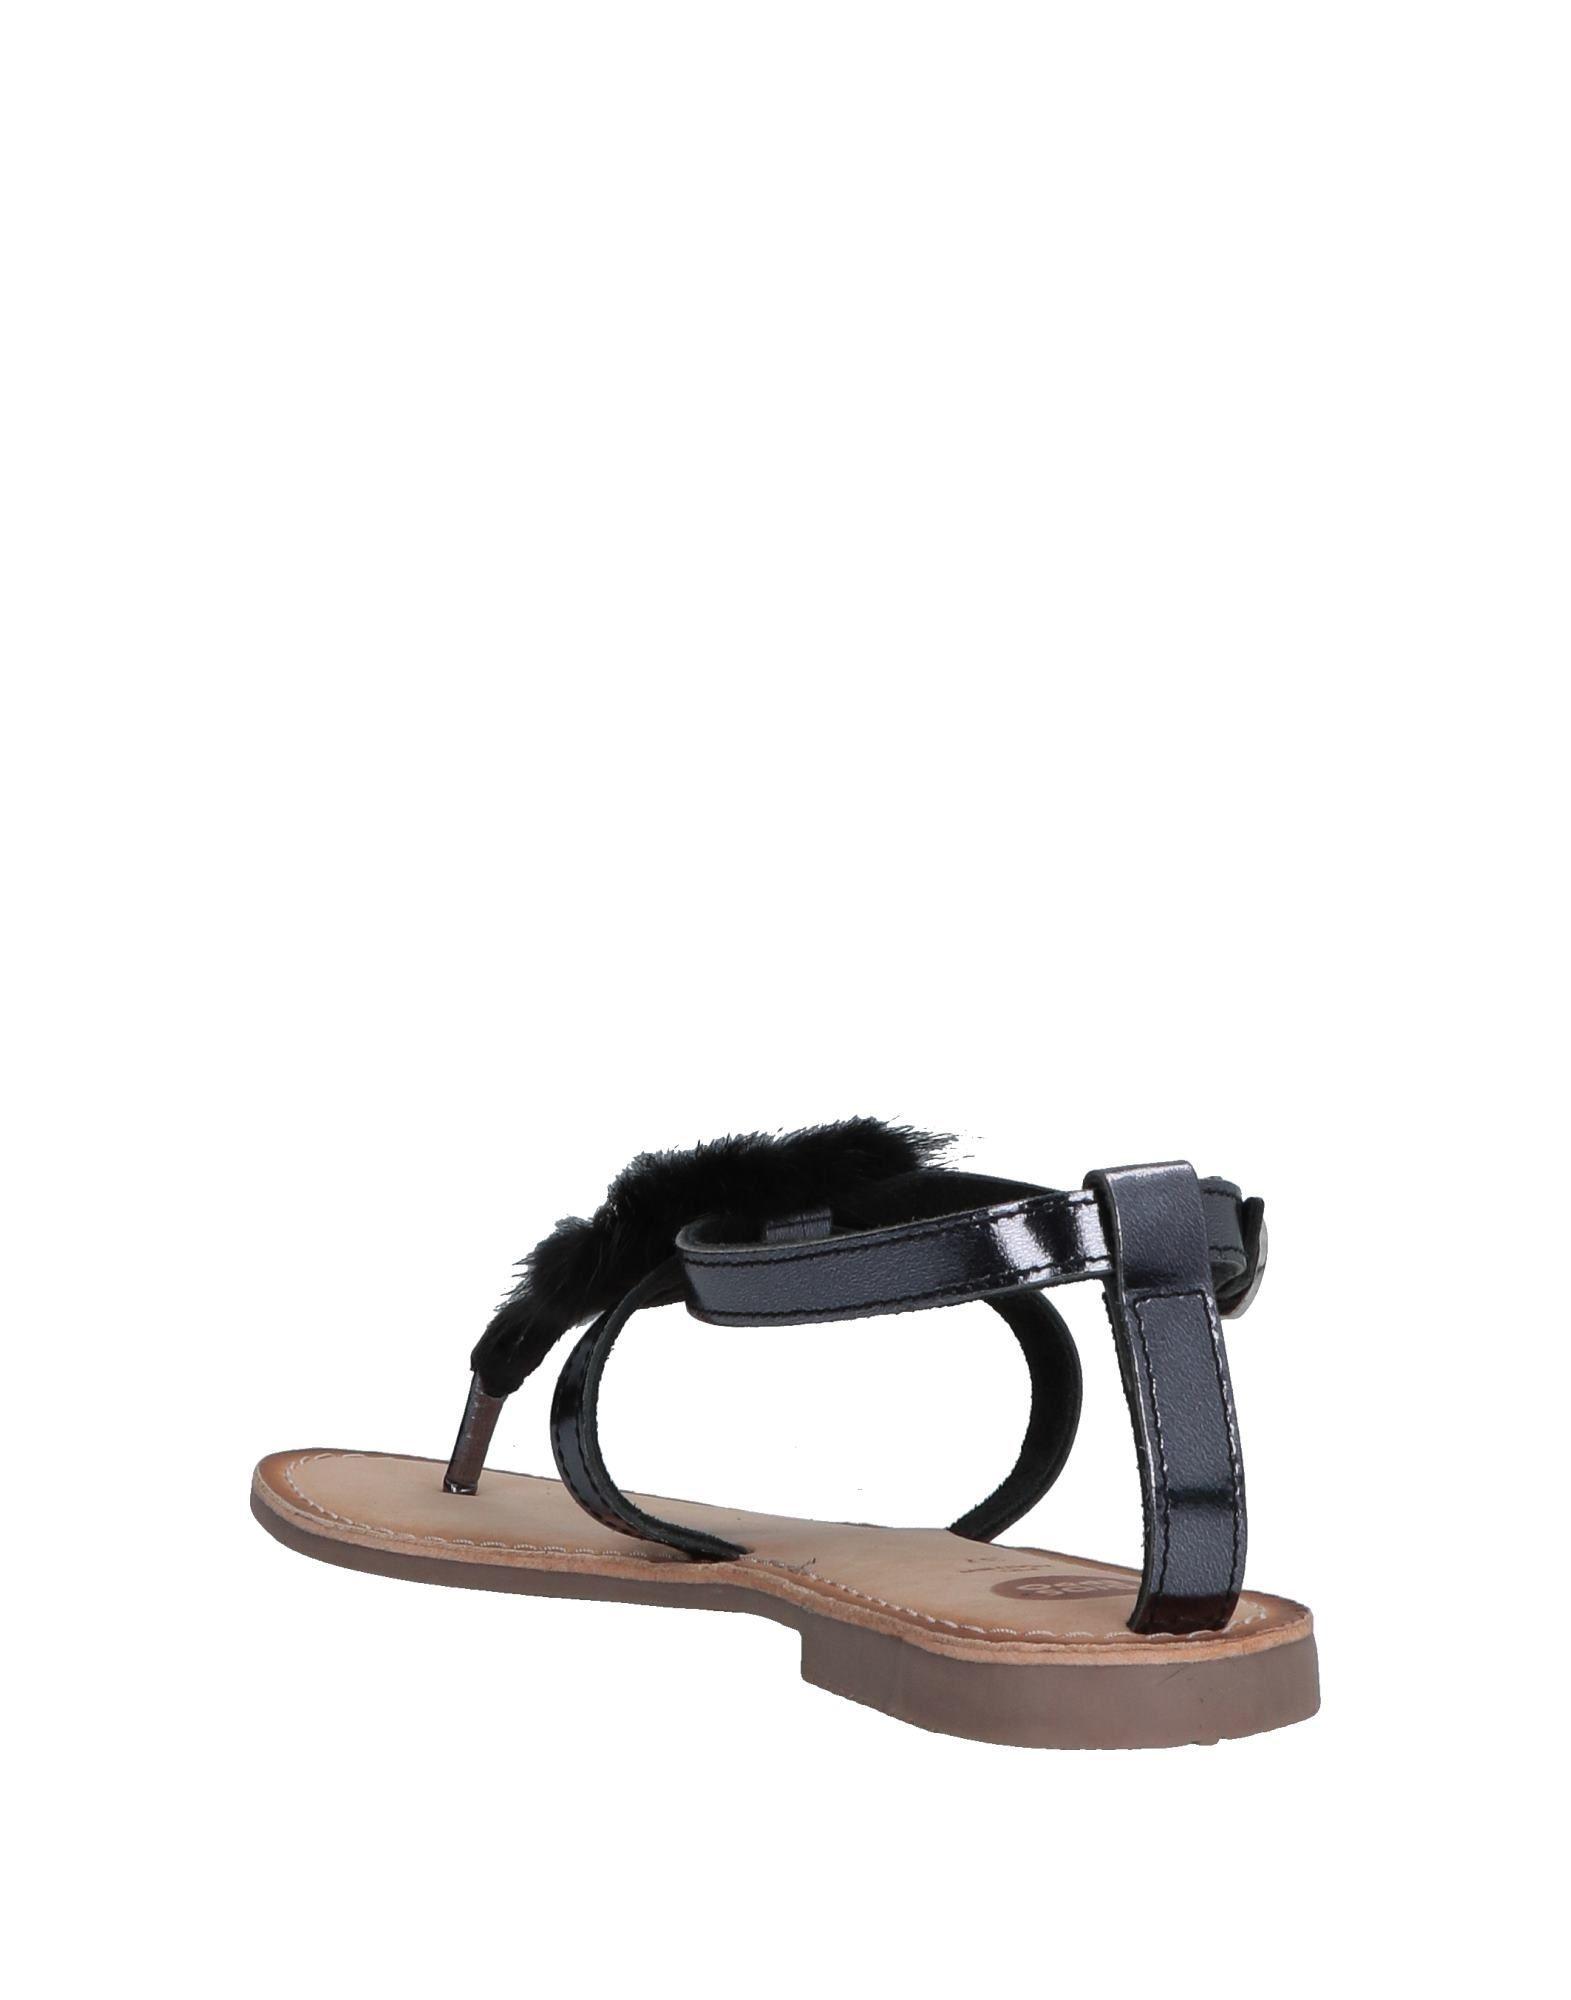 Footwear Gioseppo Black Women's Leather